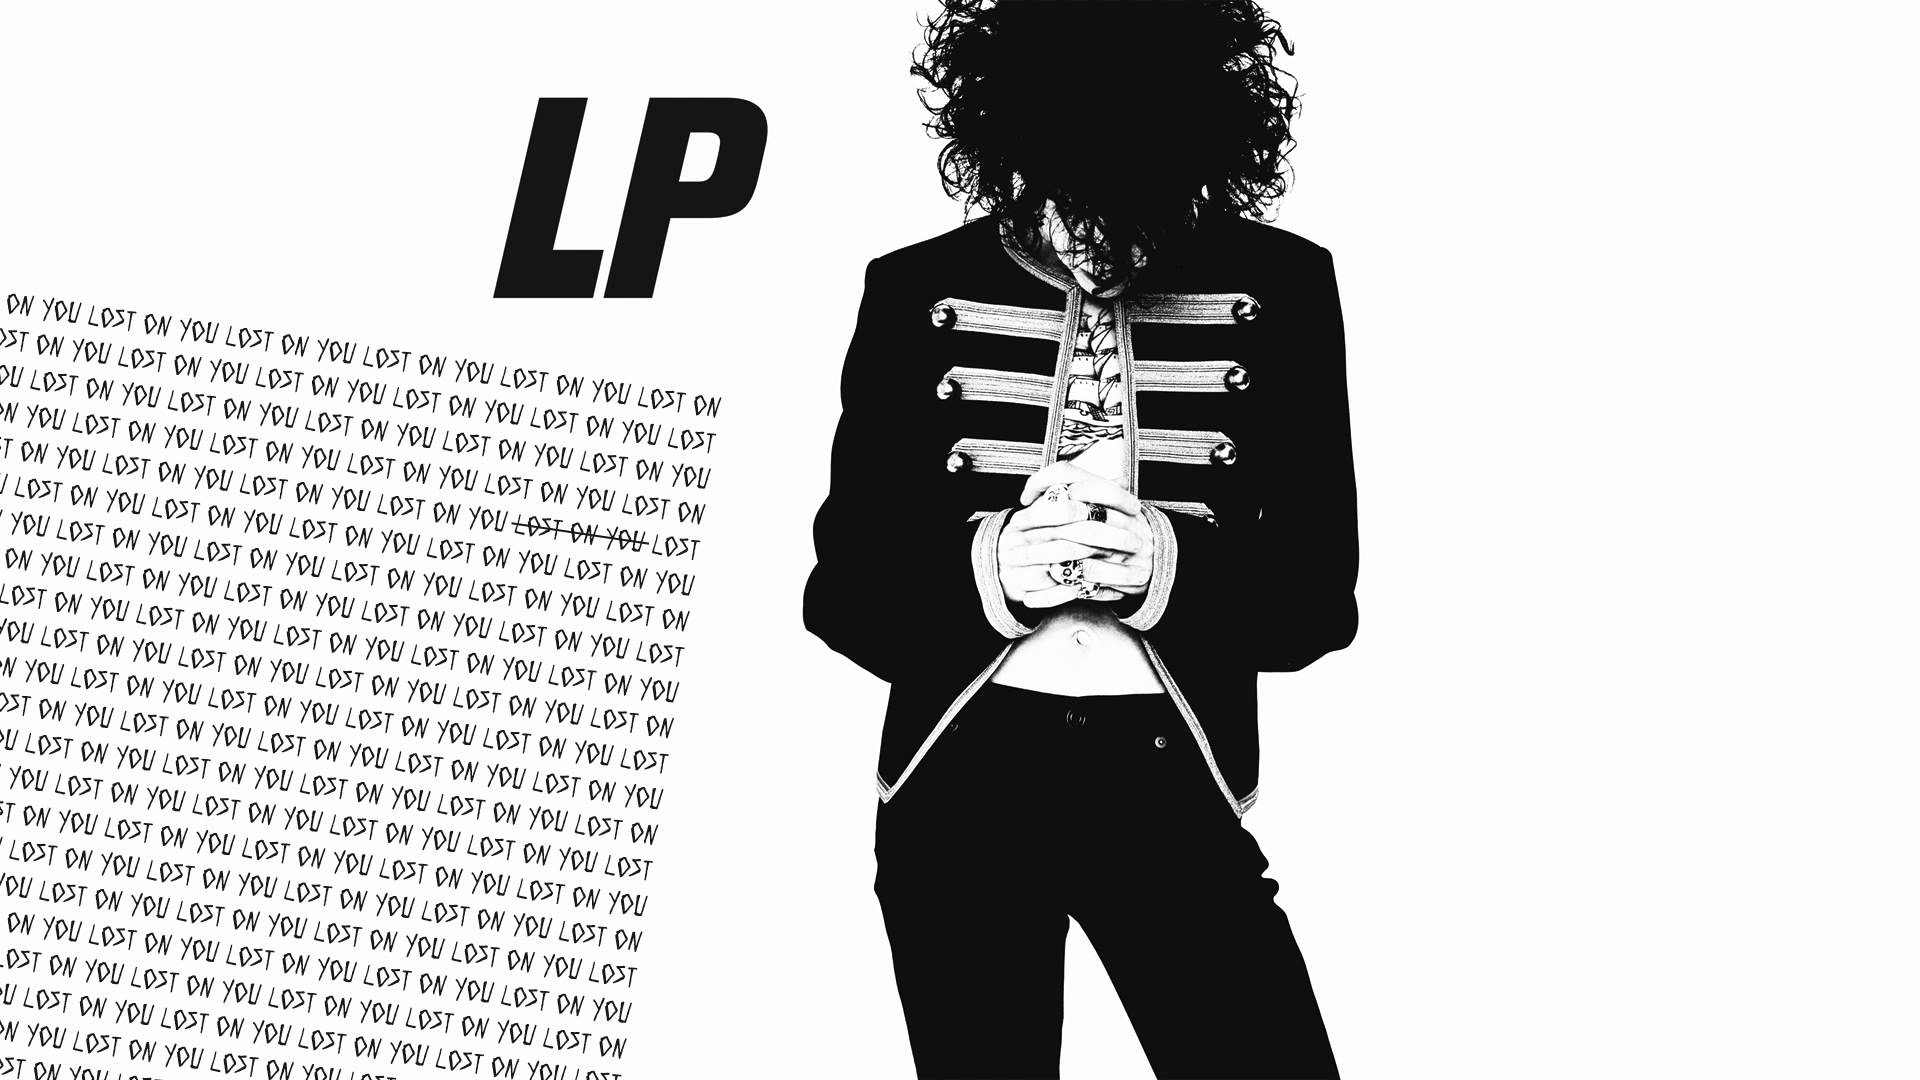 ترجمه آهنگ lost on you از LP